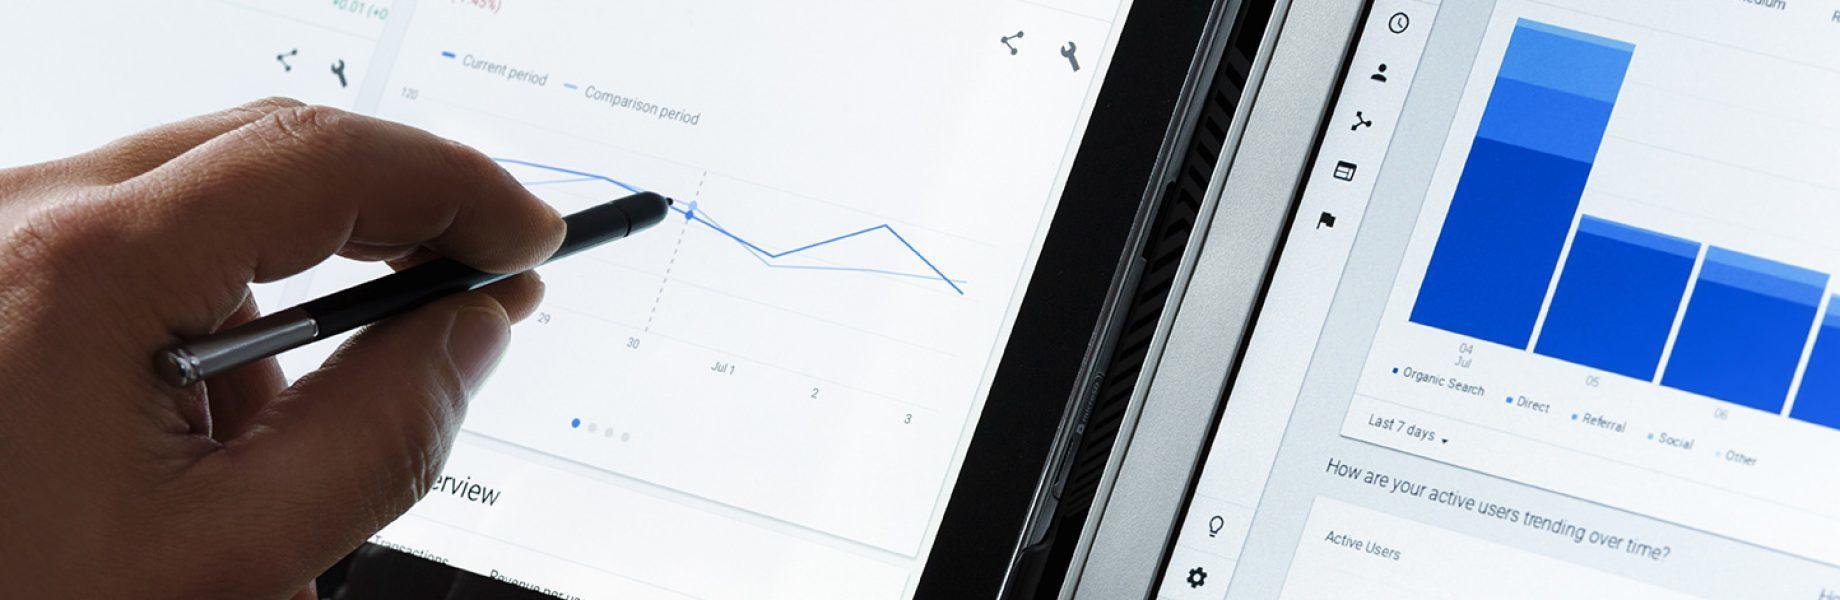 Seguir las conversiones indirectas que provienen de appvizer en Google Analytics